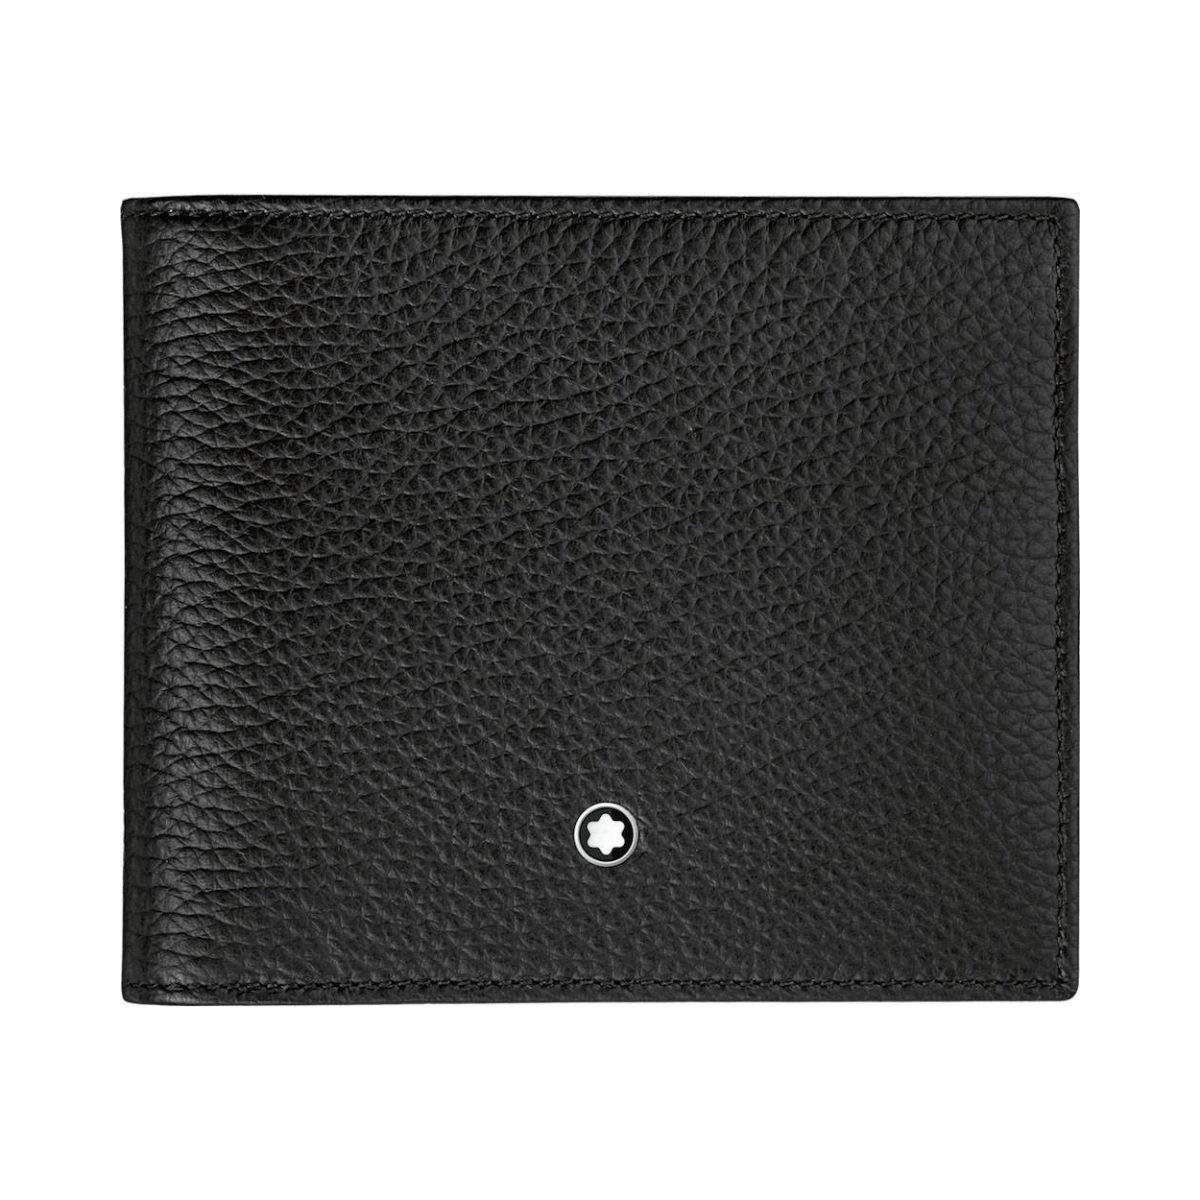 114464 — Montblanc Mst Soft Grain Wallet 8Cc Black